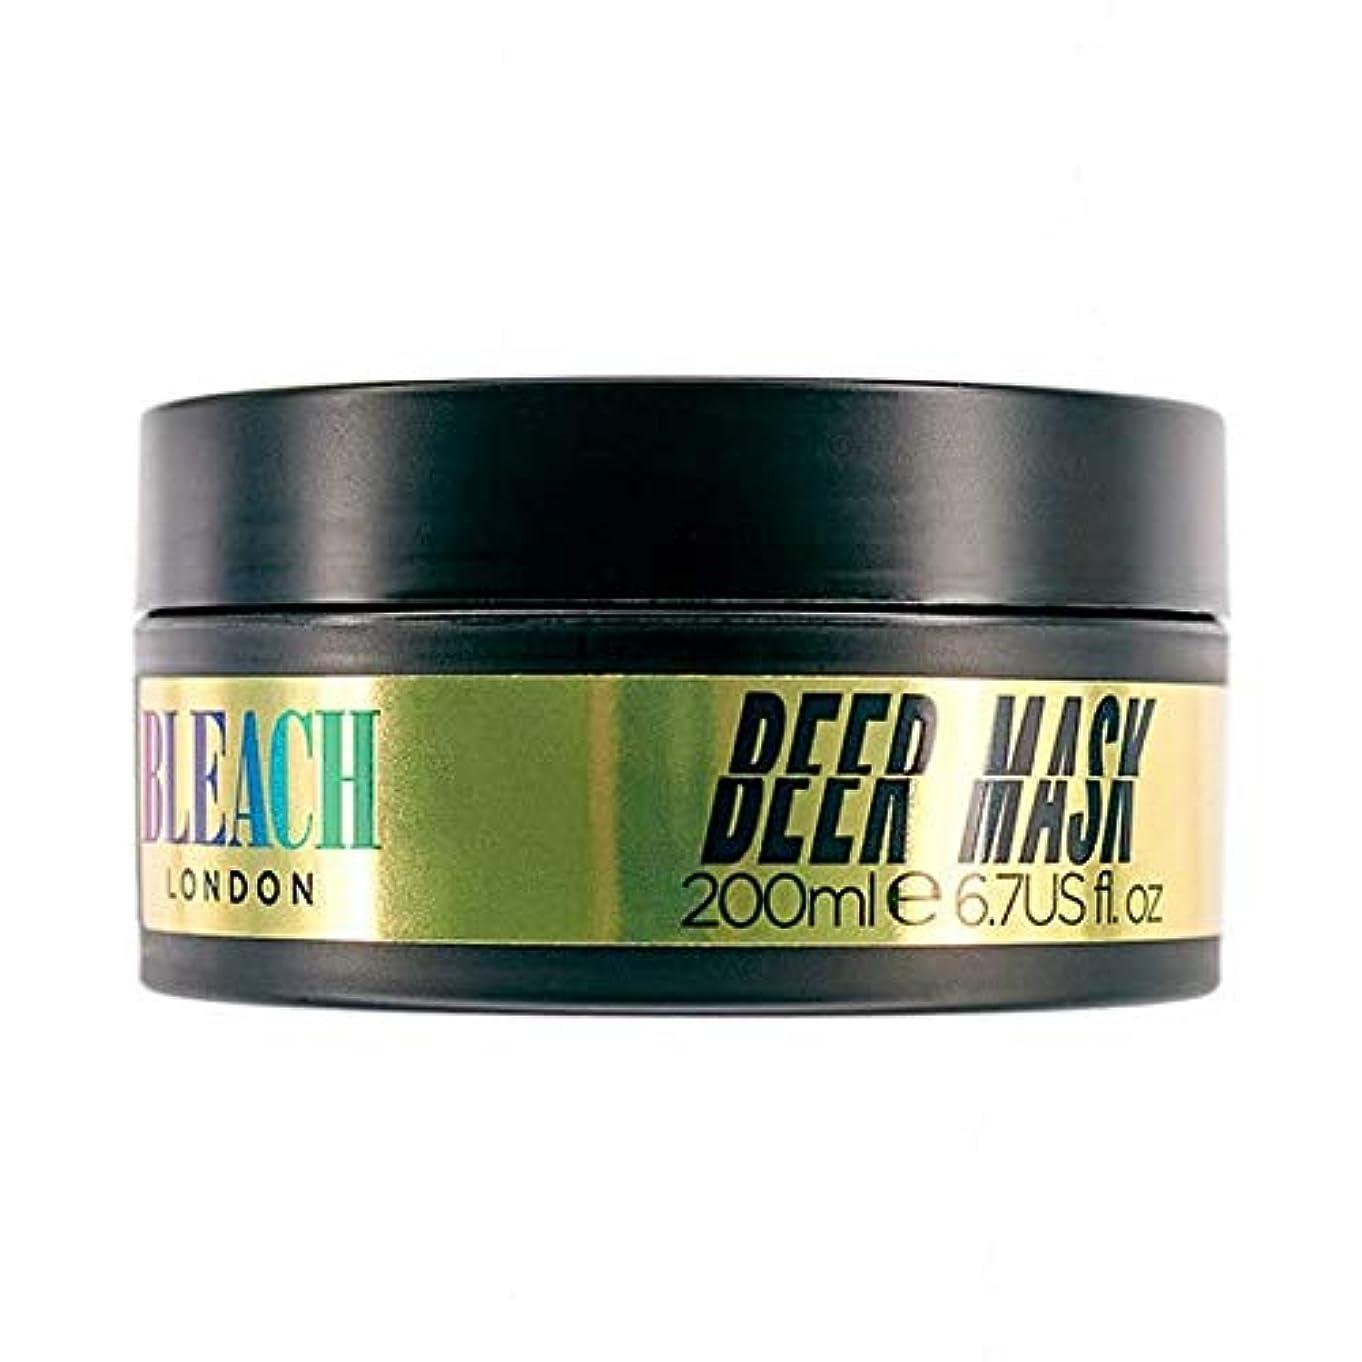 知事ピアノラッチ[Bleach London ] 漂白ロンドンビールマスク200ミリリットル - Bleach London Beer Mask 200ml [並行輸入品]